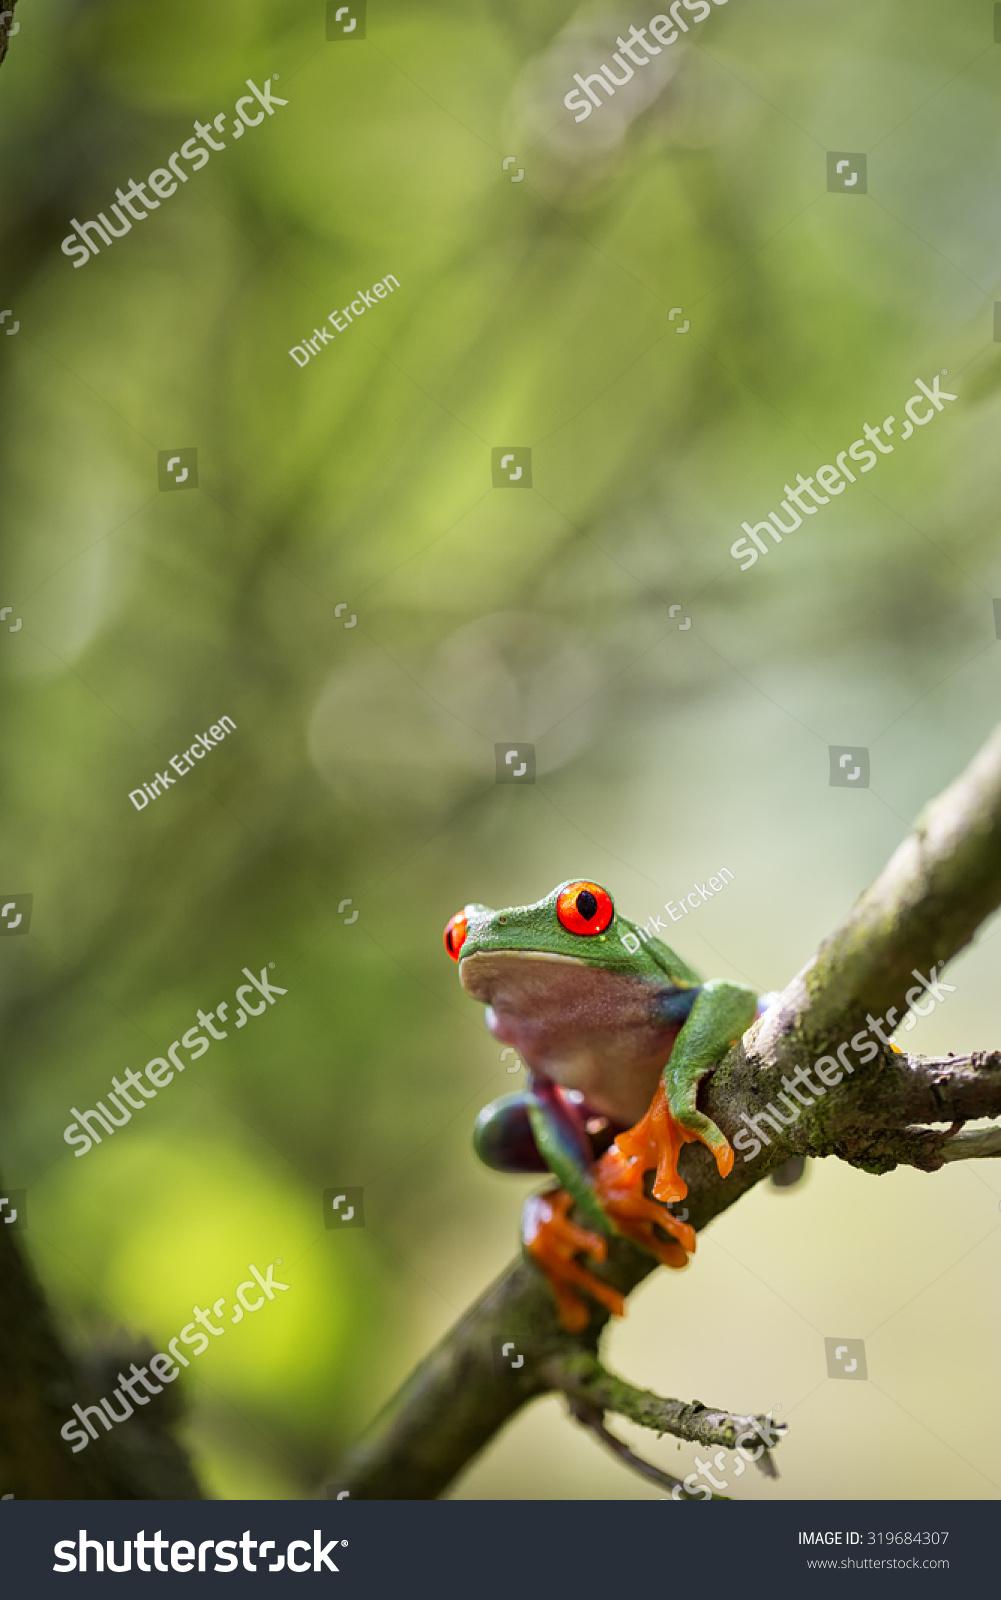 红眼树蛙哥斯达黎加的热带雨林动物,异国情调的树蛙